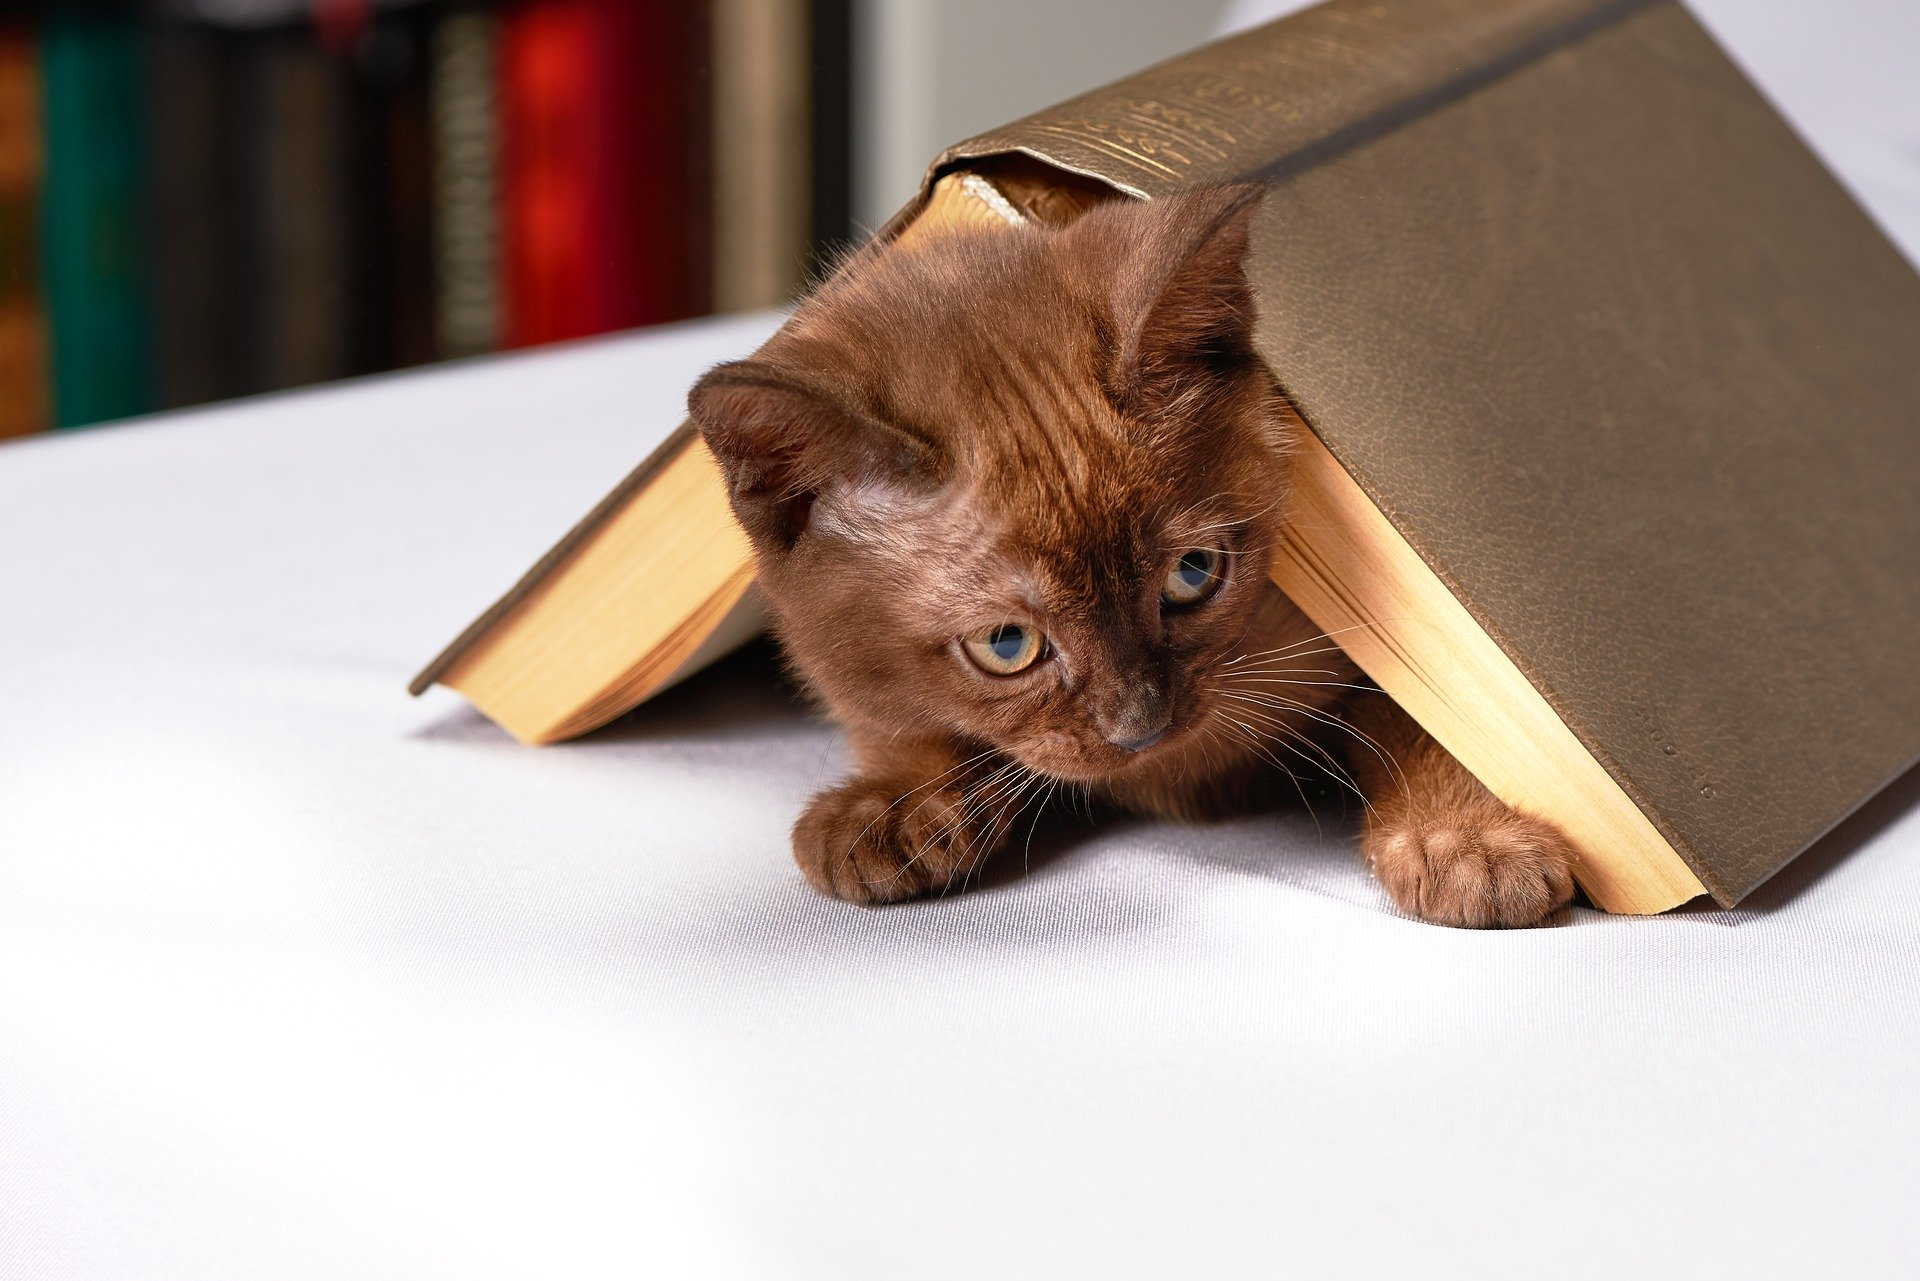 Aby odnieść sukces w wychowaniu kota, należy uwzględnić jego potrzeby i instynktowne zachowania. Są to uwarunkowania, których nie da się zmienić.